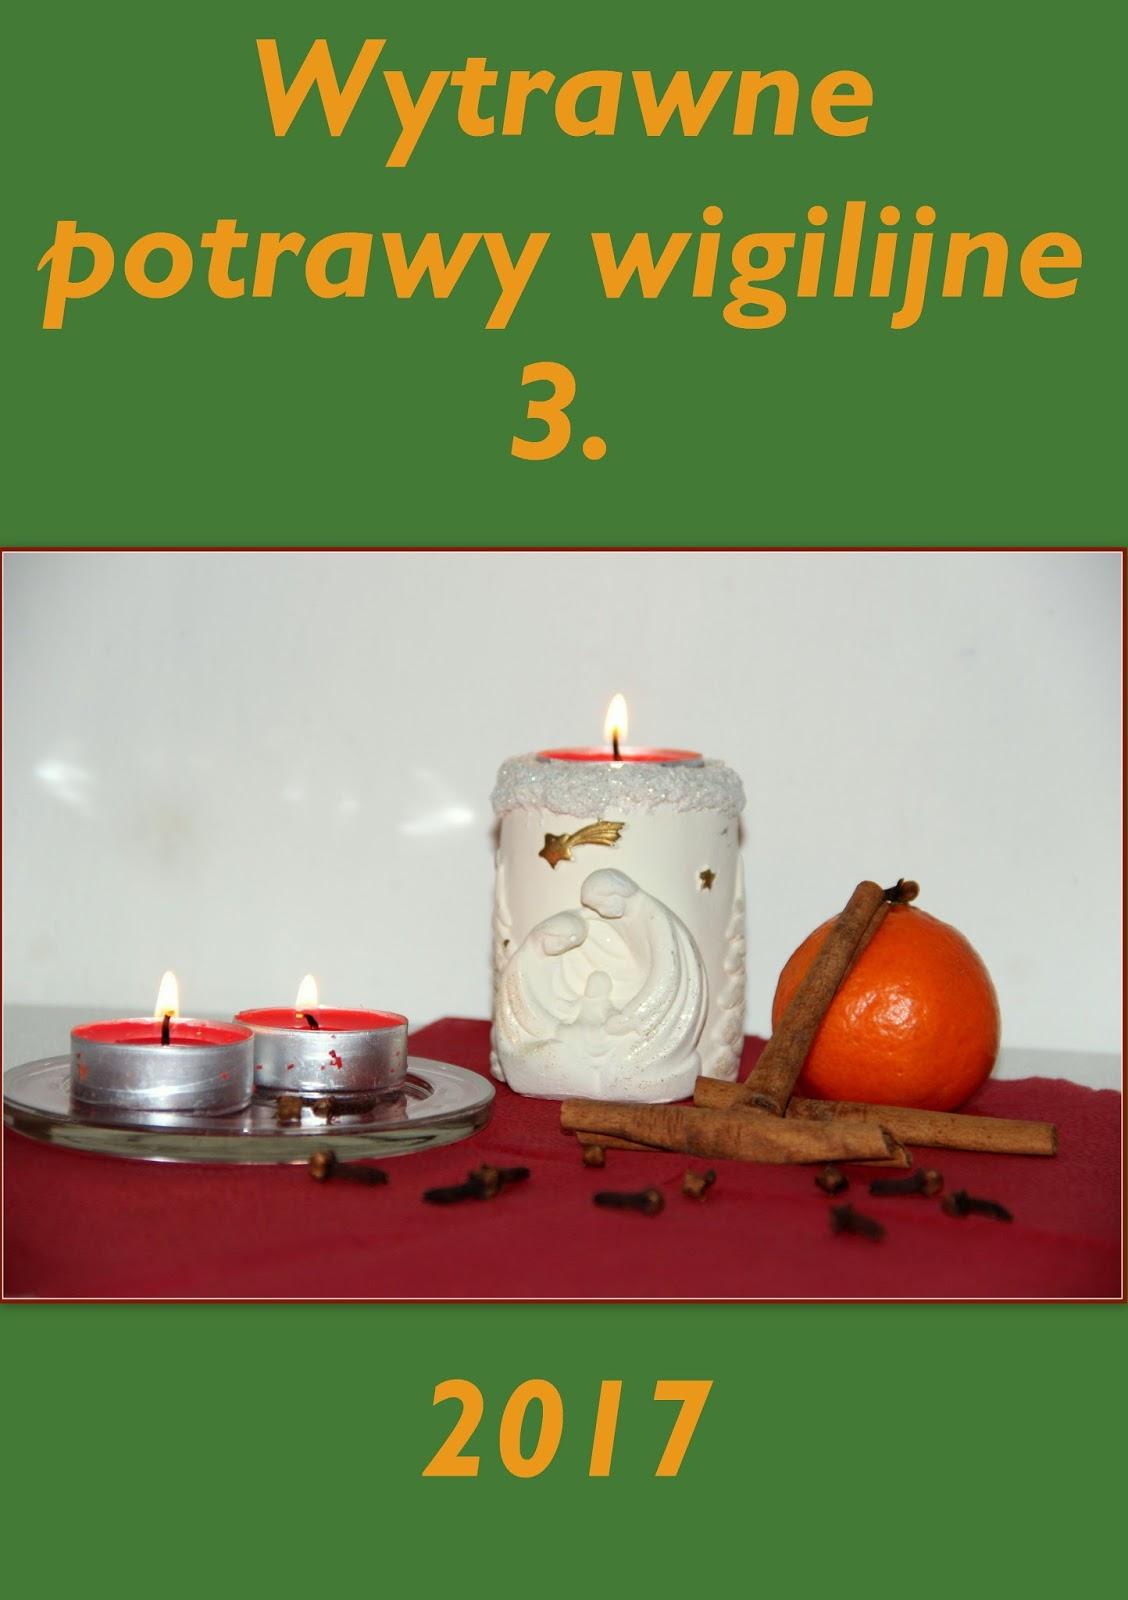 https://weekendywdomuiogrodzie.blogspot.com/2017/12/wytrawne-potrawy-wigilijne-3.html